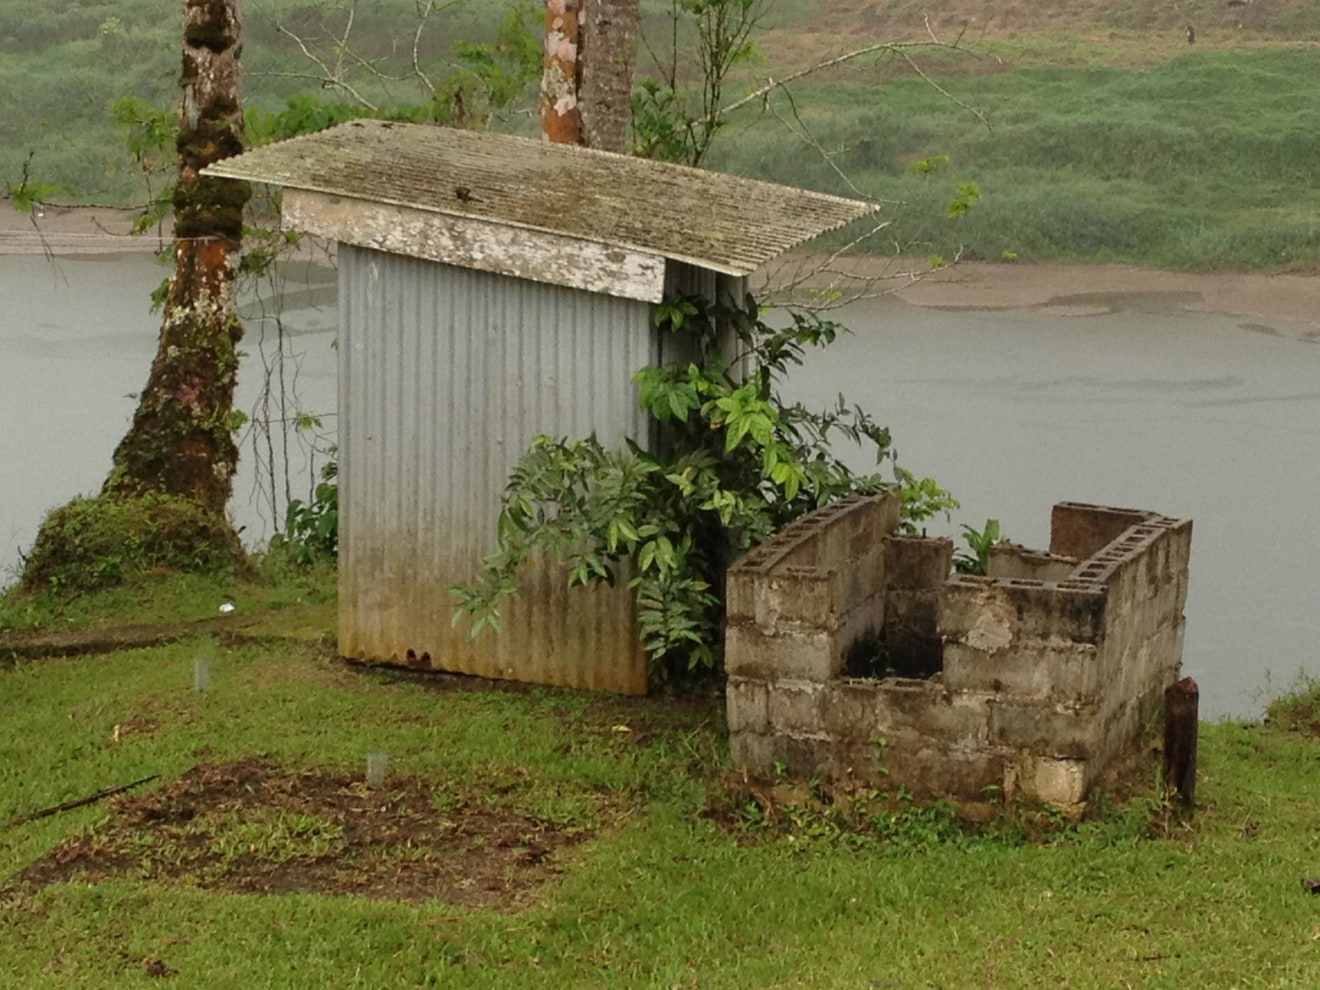 Toilet in Fiji